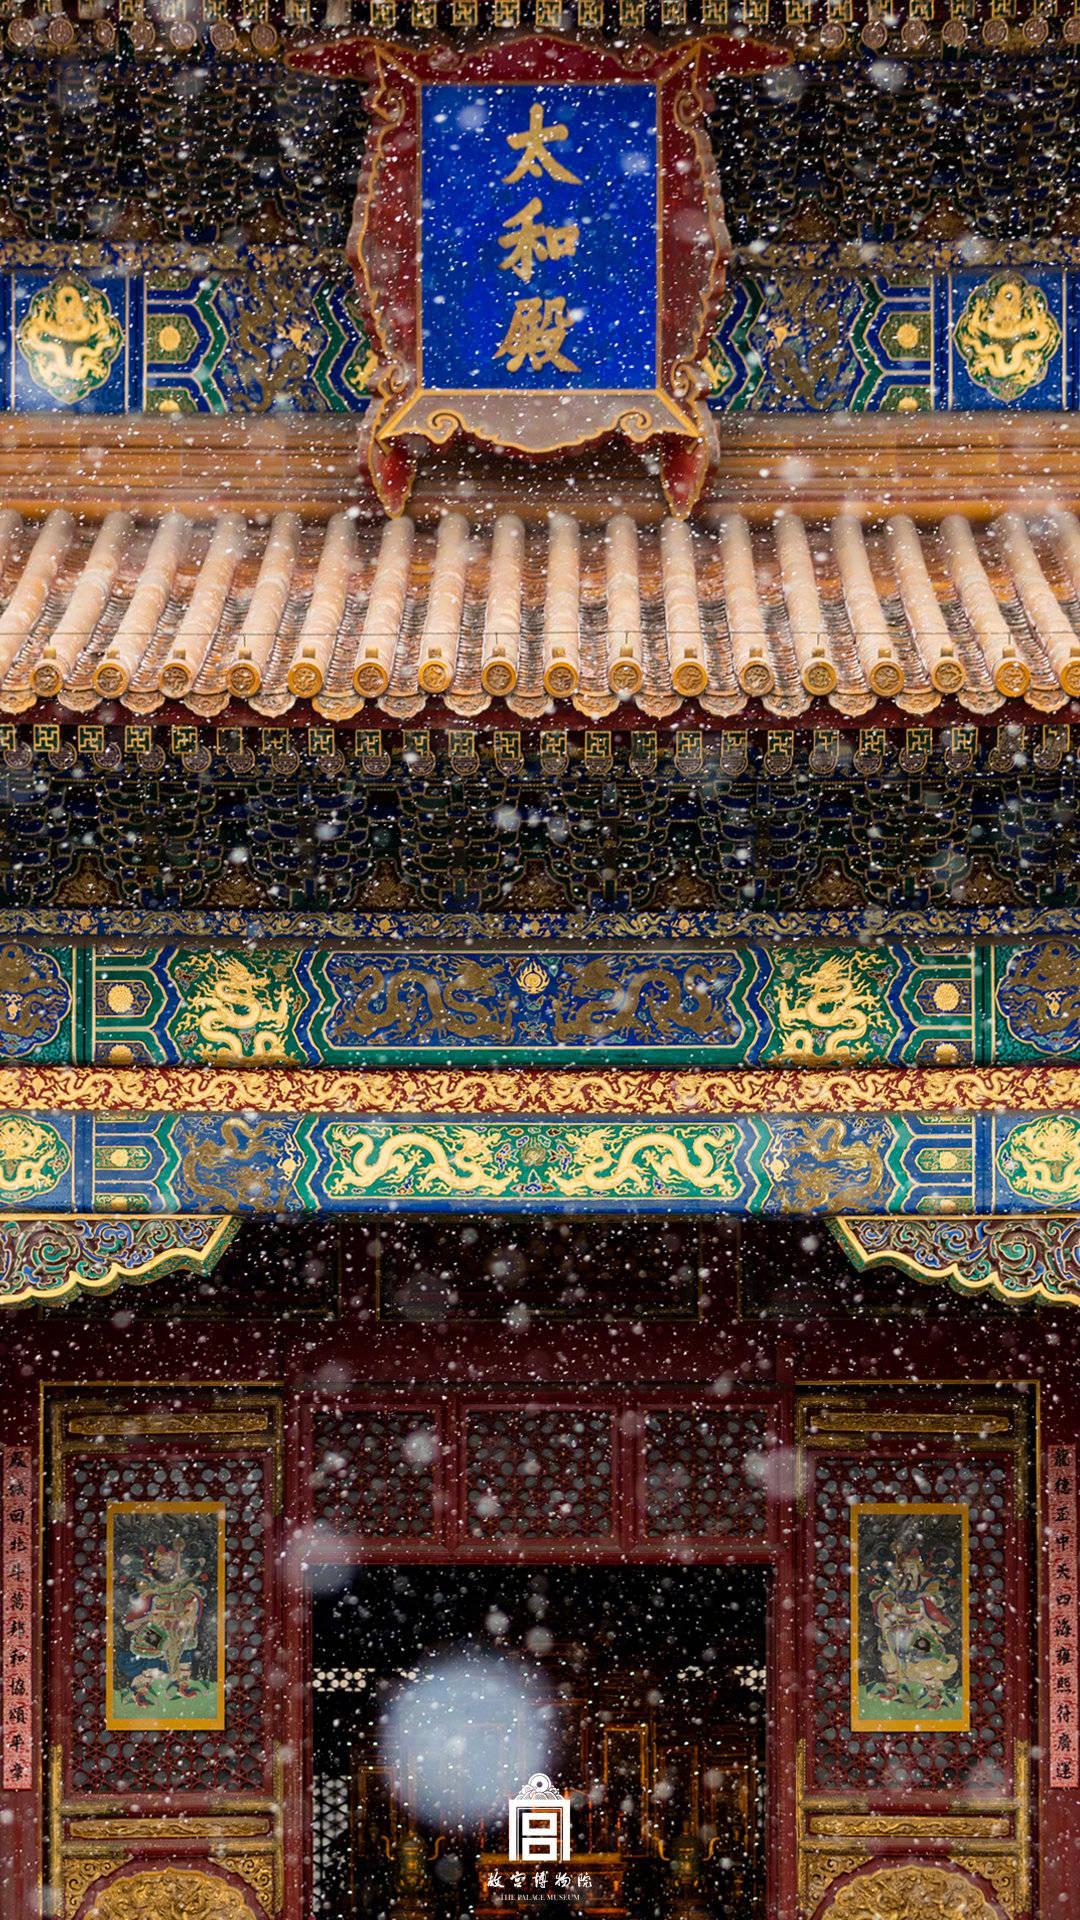 故宫太和殿书法匾额、紫禁城金銮殿雪景